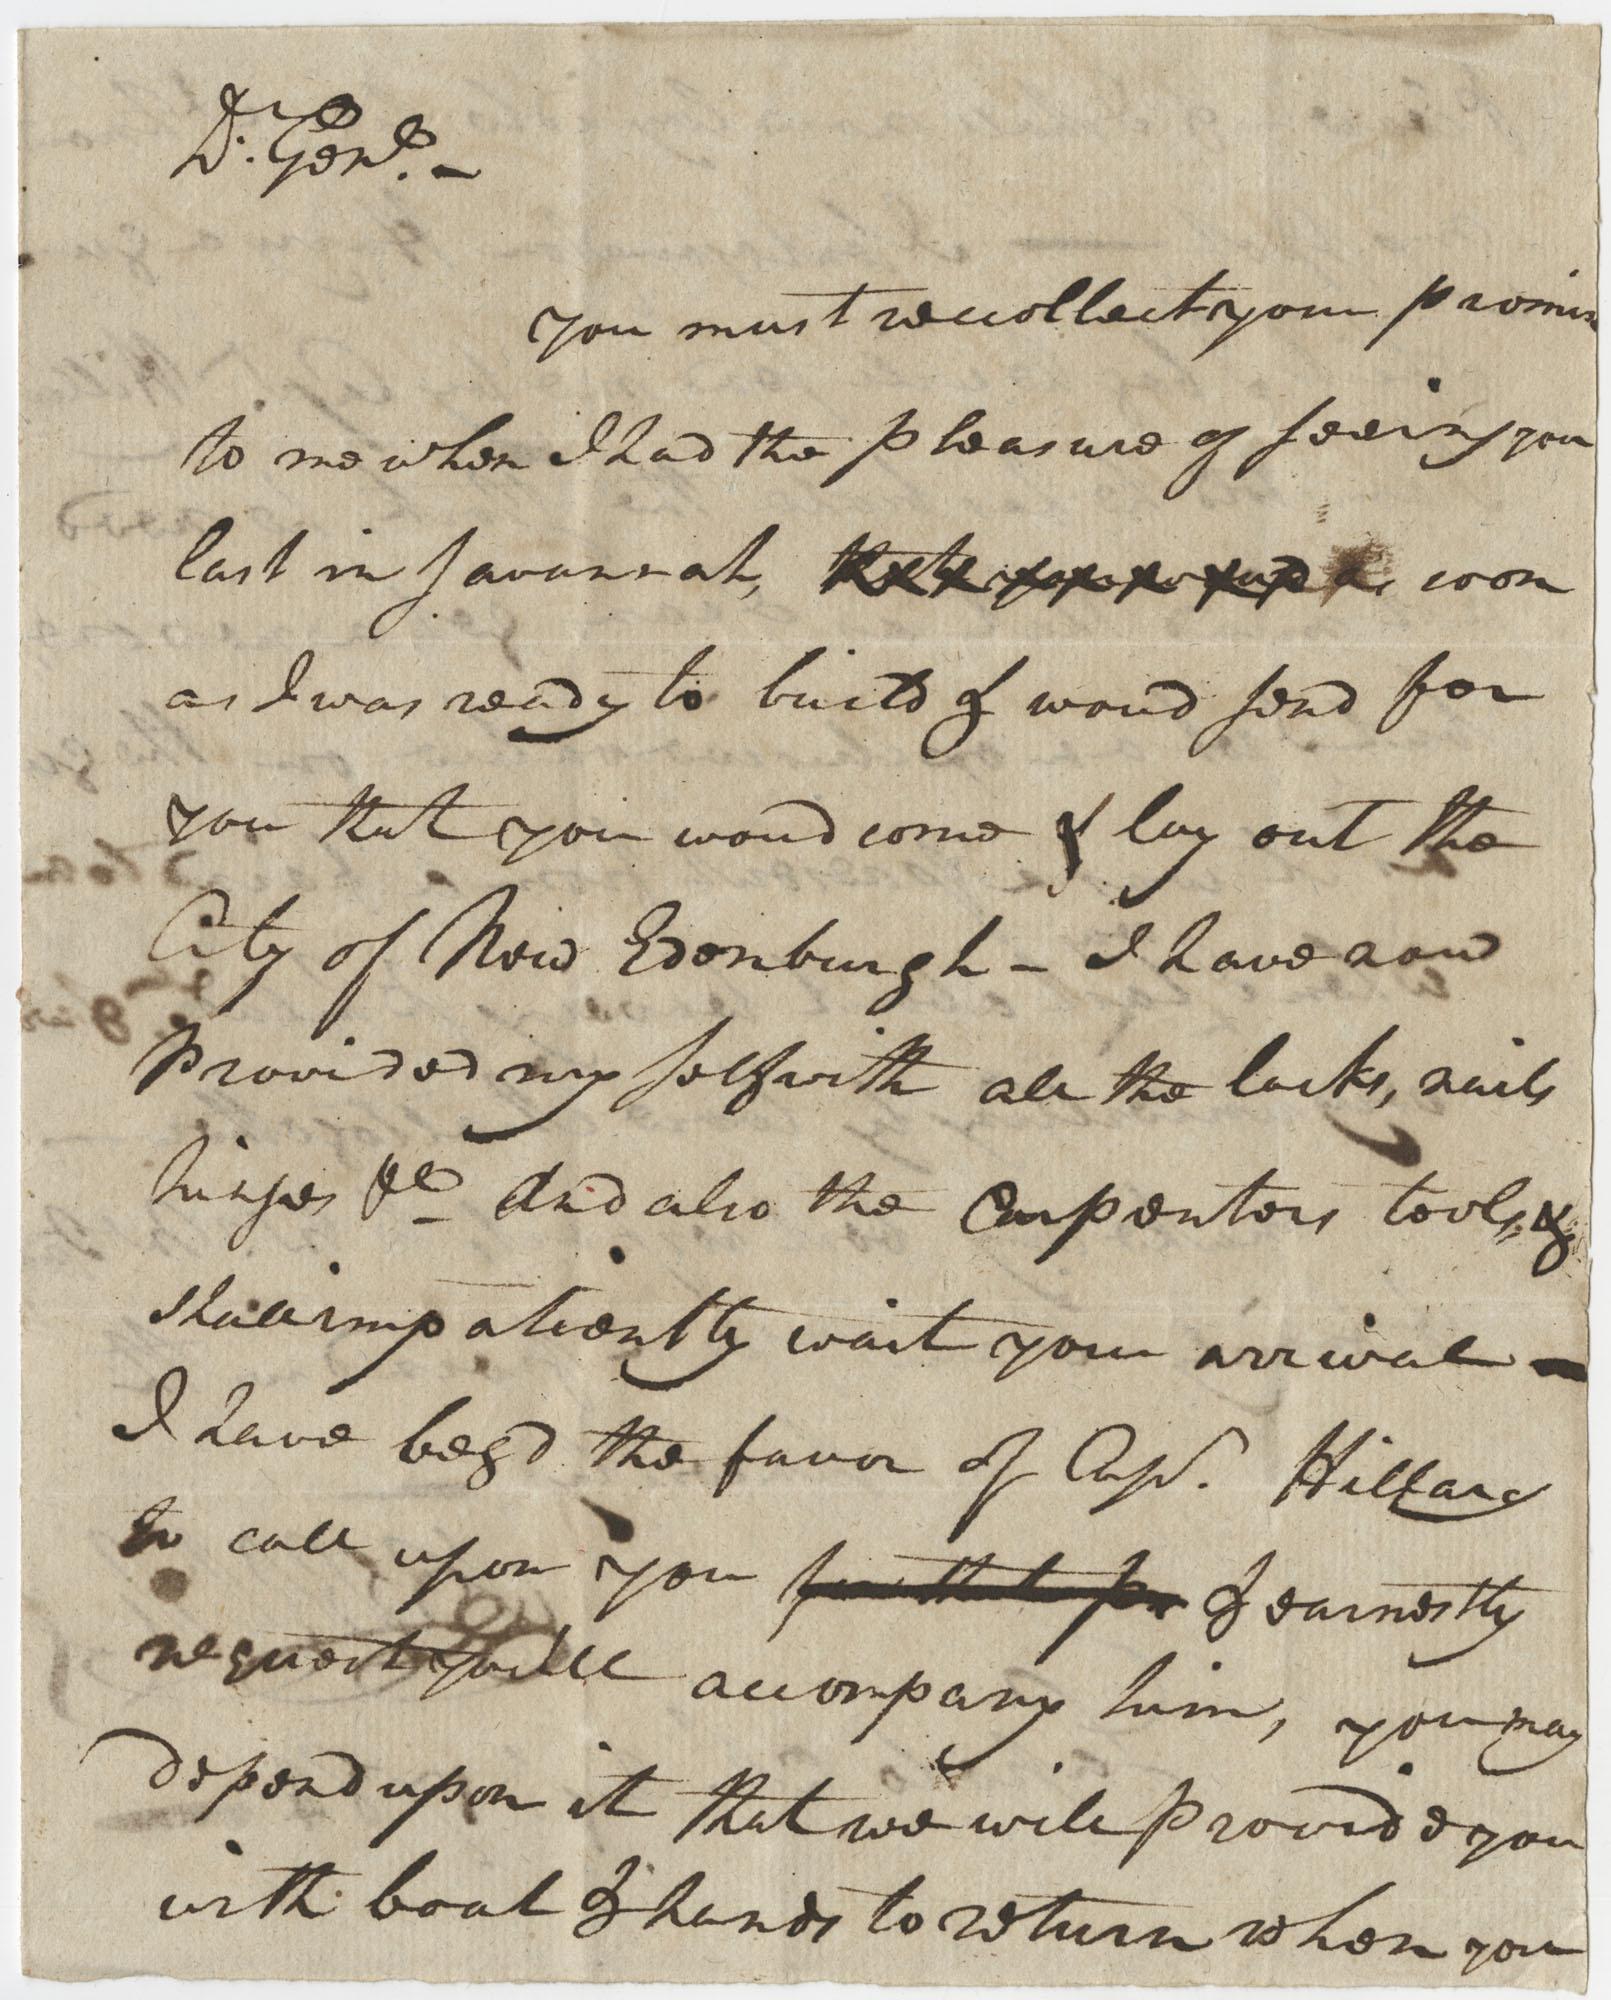 Letter to Major General McIntosh from Major [John?] Berrien, August 20, 1784